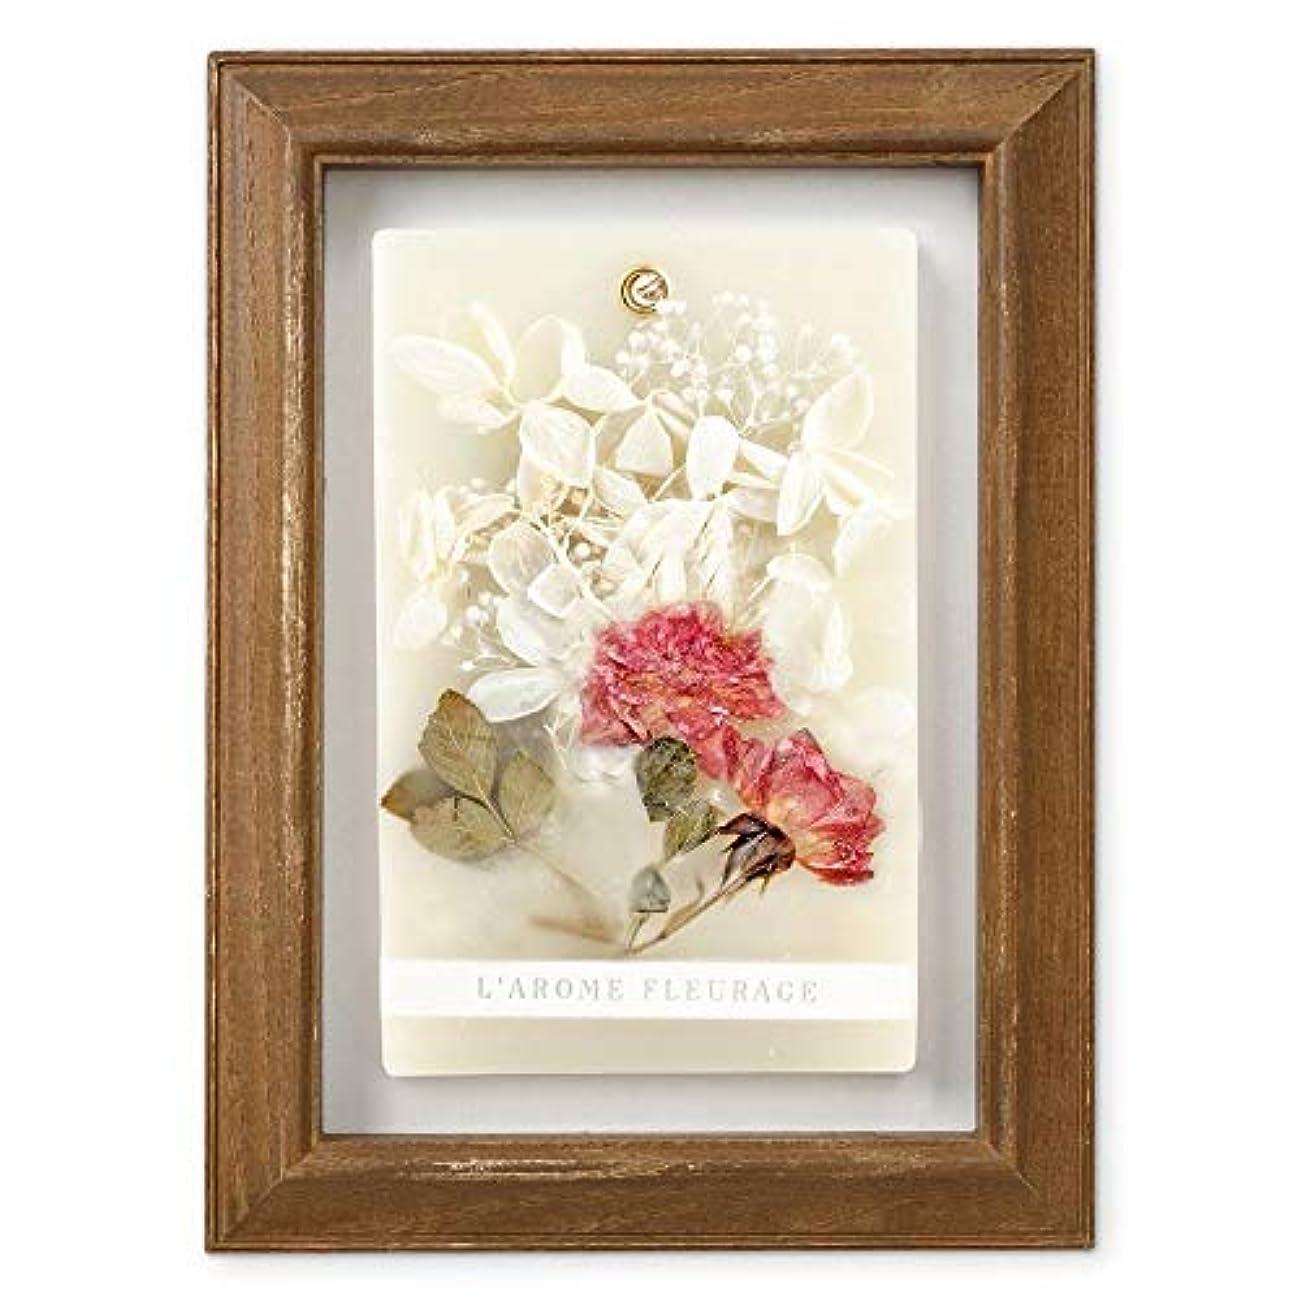 正気スリップかすかなFLEURAGE(フルラージュ) アロマワックスサシェ ワイルドローズの香り Rose×AntiqueBrown KH-61122